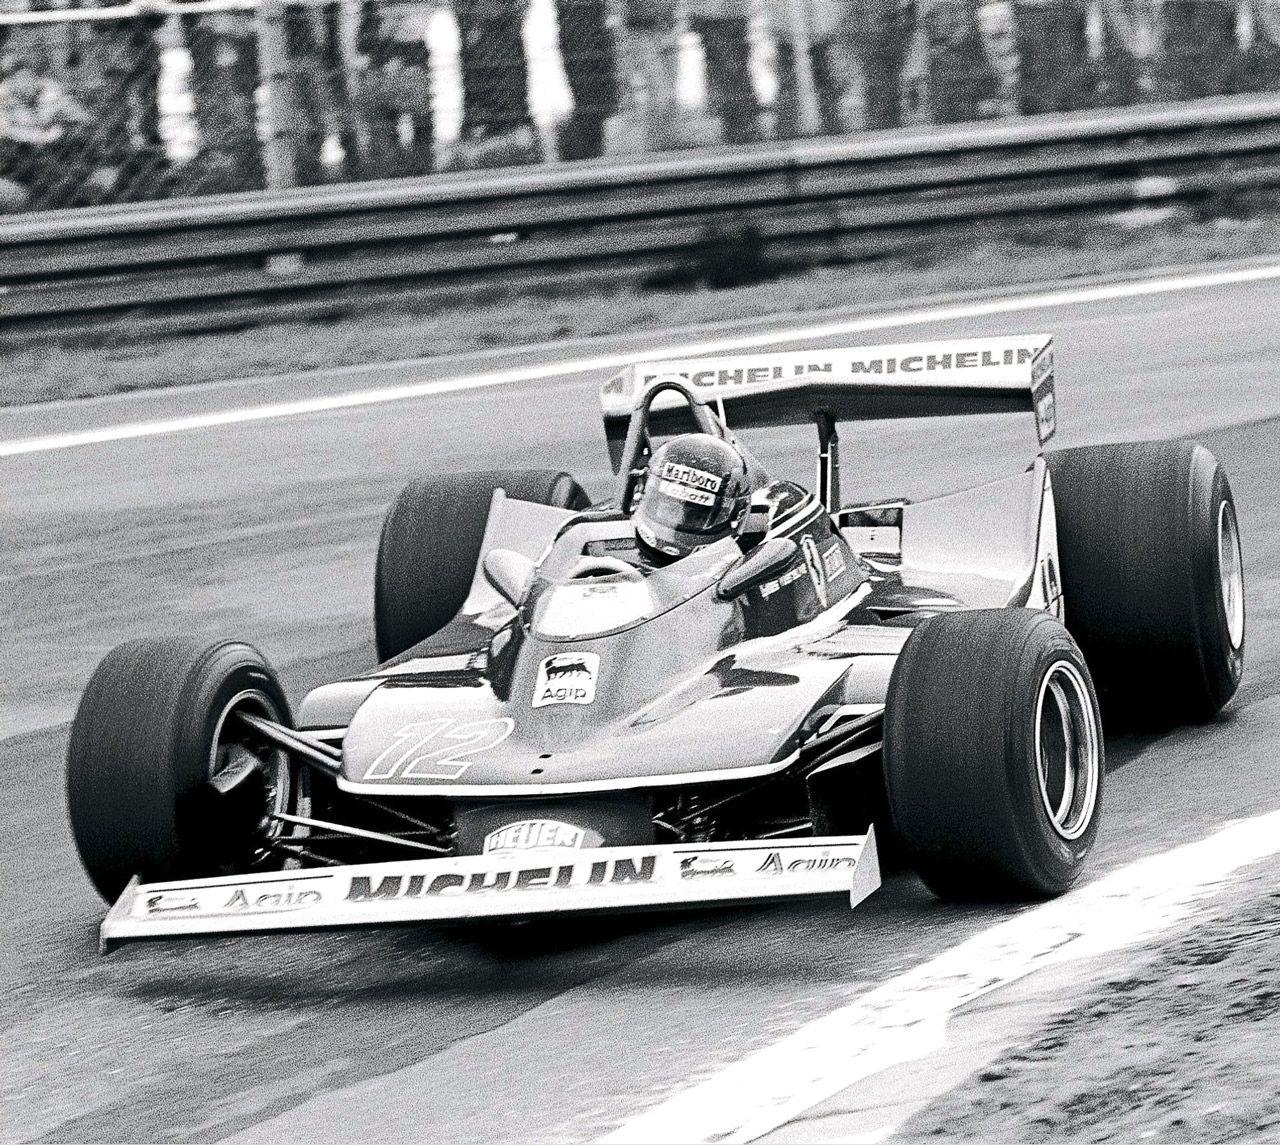 Powerslide Car: Gilles Villeneuve En Ferrari Top Drift Powerslide